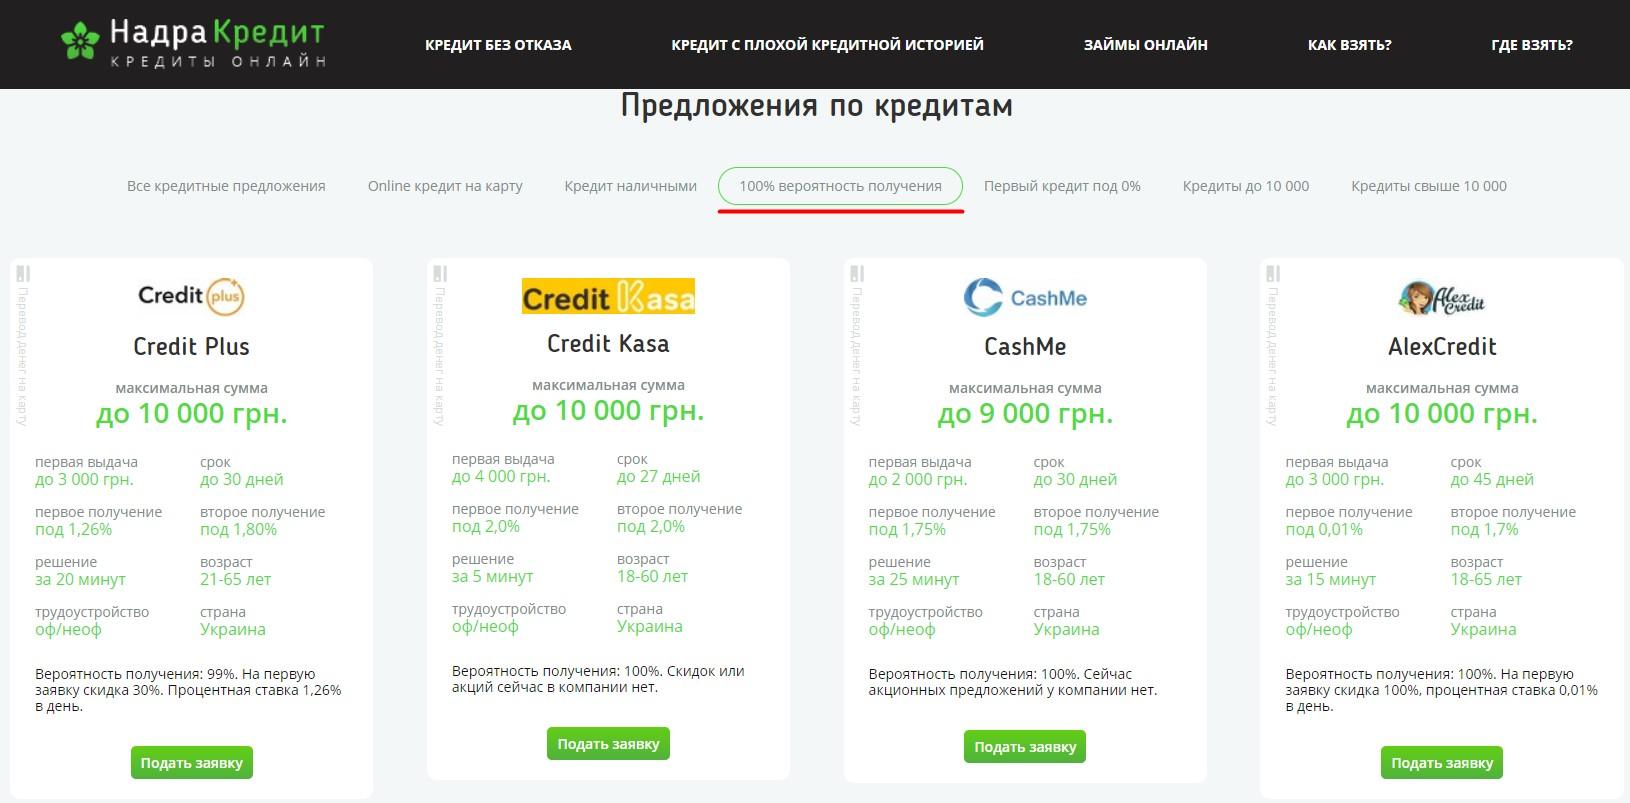 Получить кредит в полоцке онлайн заявка